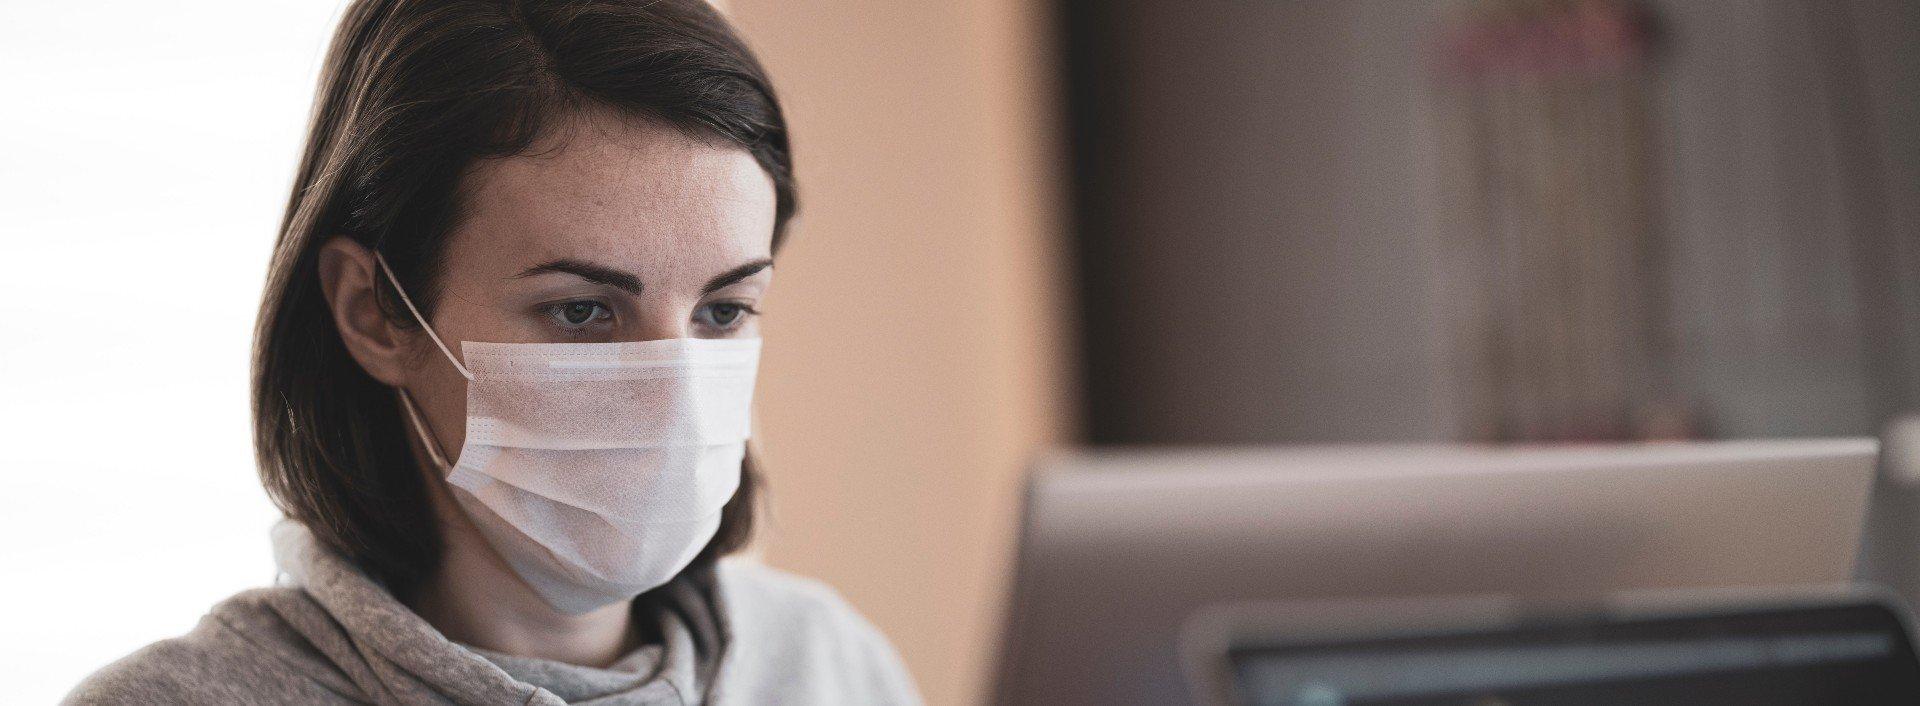 Coronavirus-Pandemie-Vokabeln: Eine Frau trägt an ihrem Schreibtisch eine Maske, um die Verbreitung von COVID-19 zu verhindern.